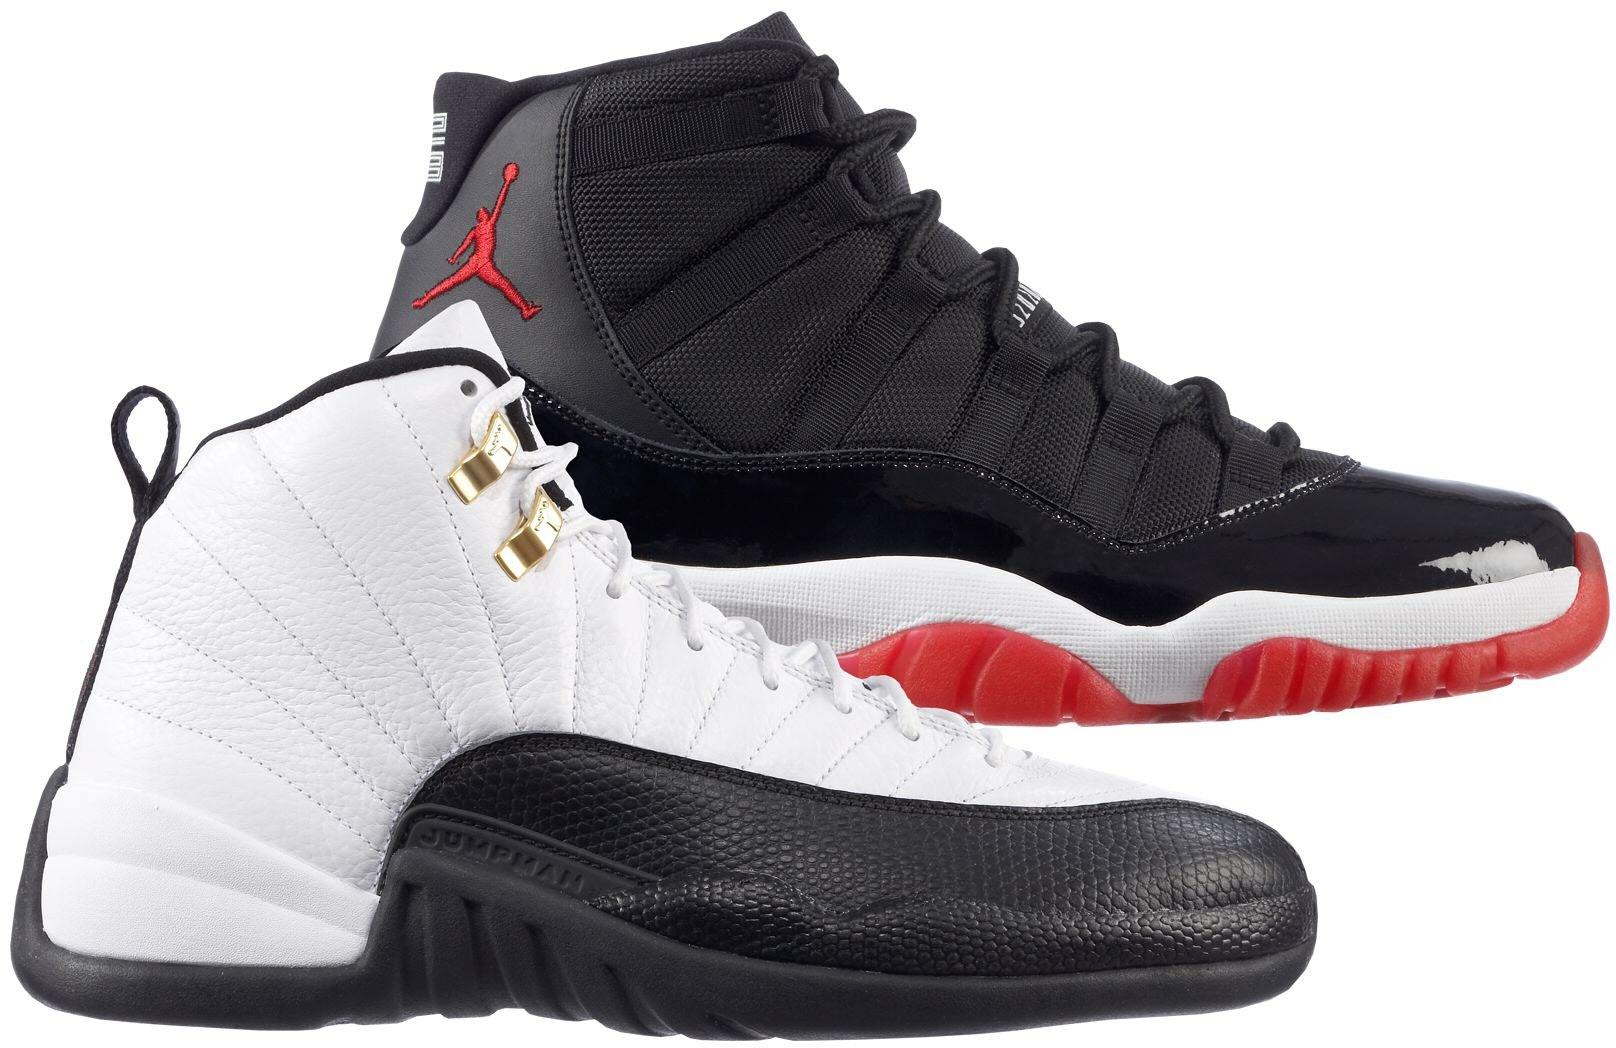 Jordan Countdown Pack 11/12